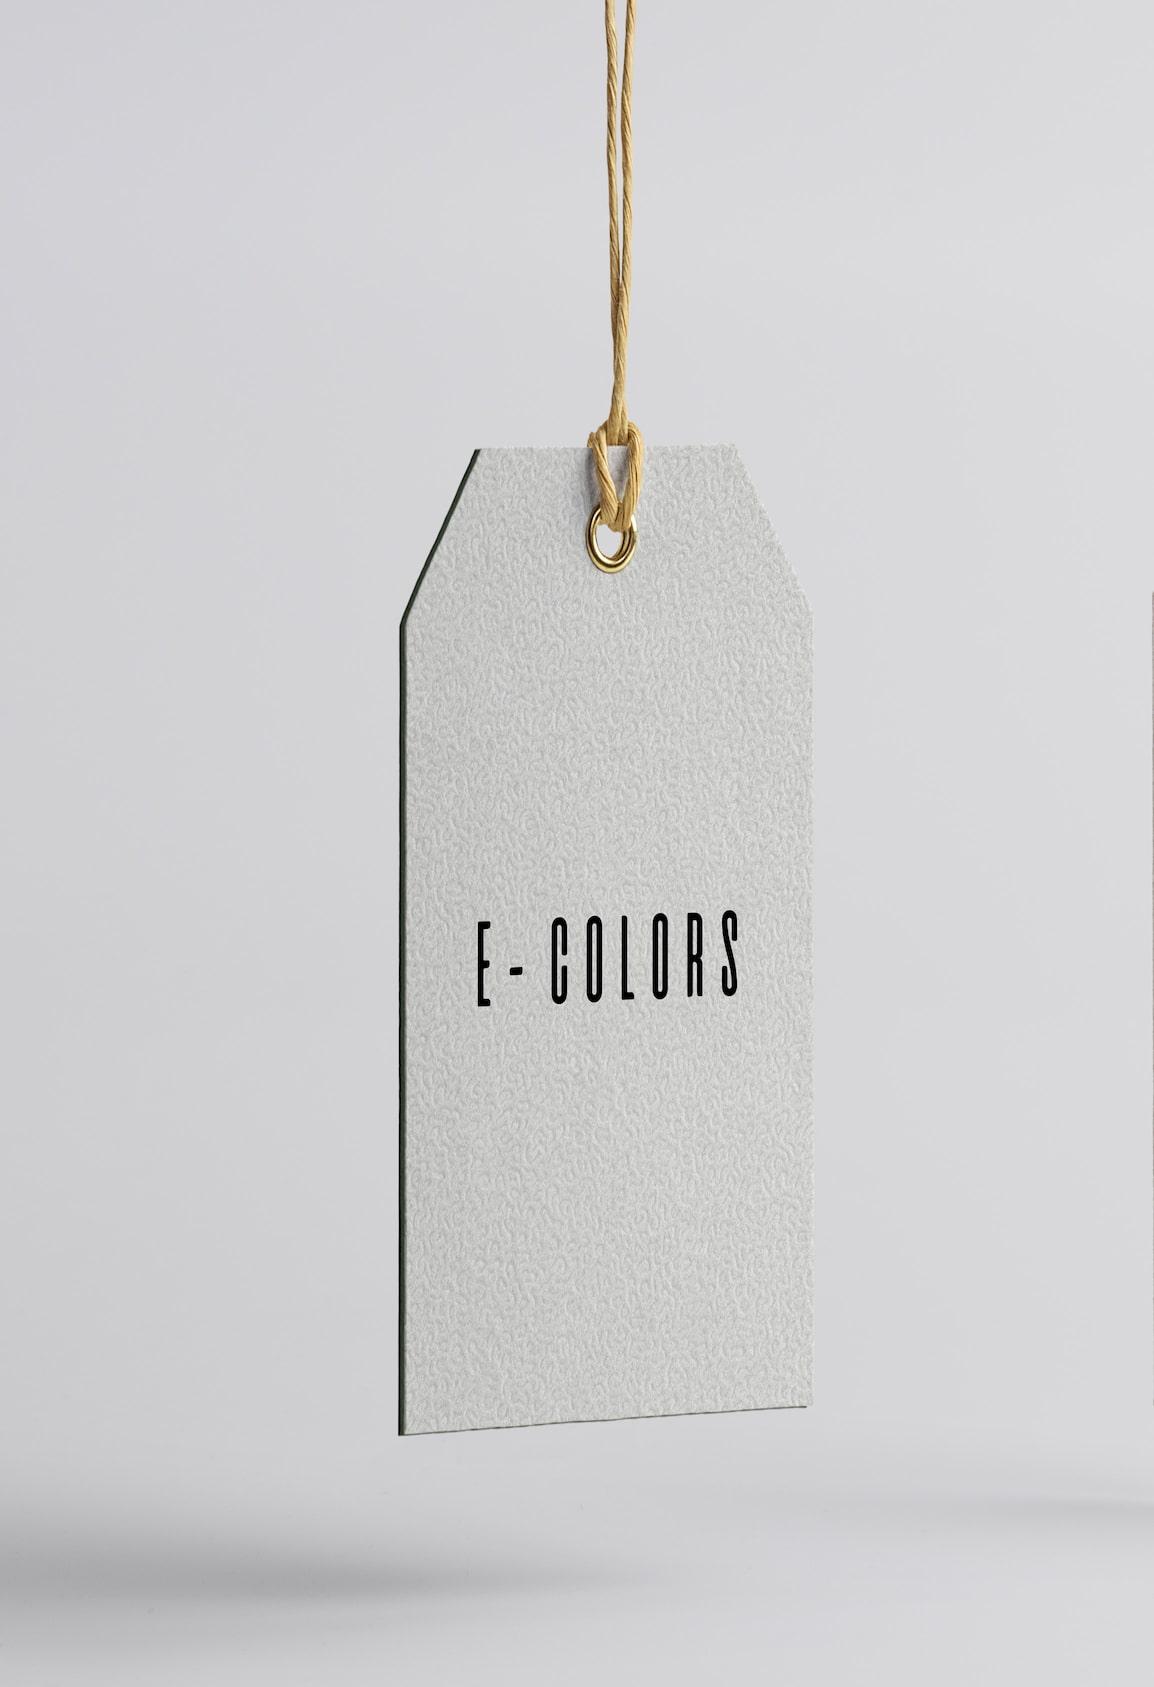 Etiquetas3 Evlox